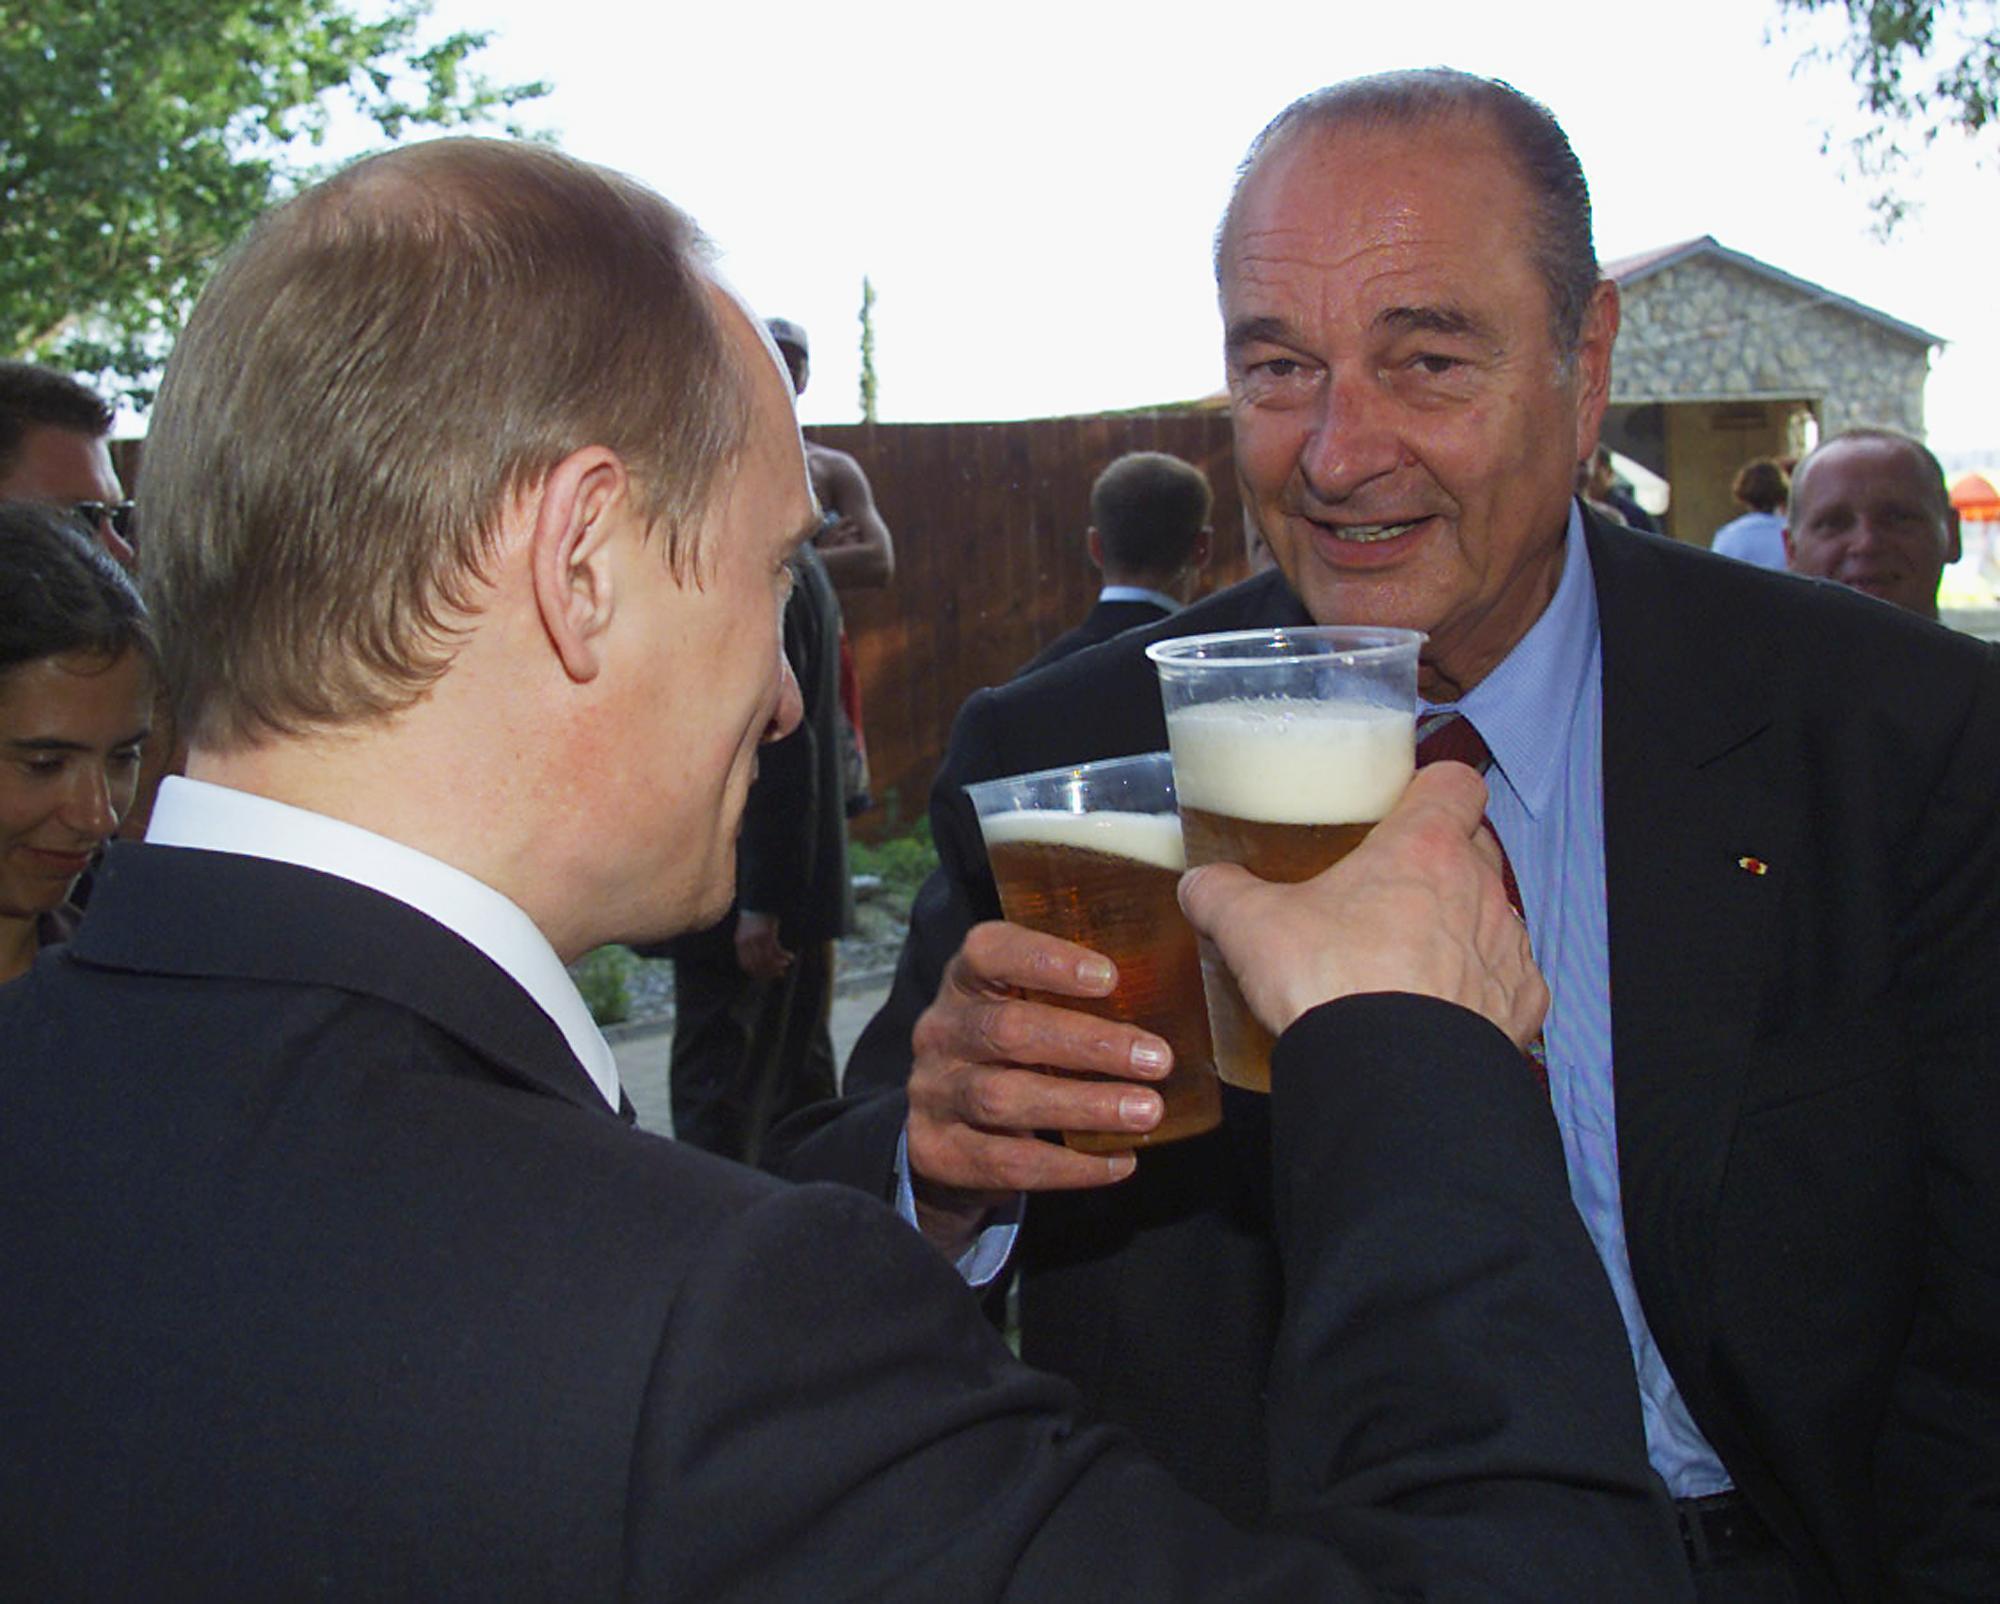 Жак Ширак и Владимир Путин во время прогулки по Санкт-Петербургу, июль 2001 года.